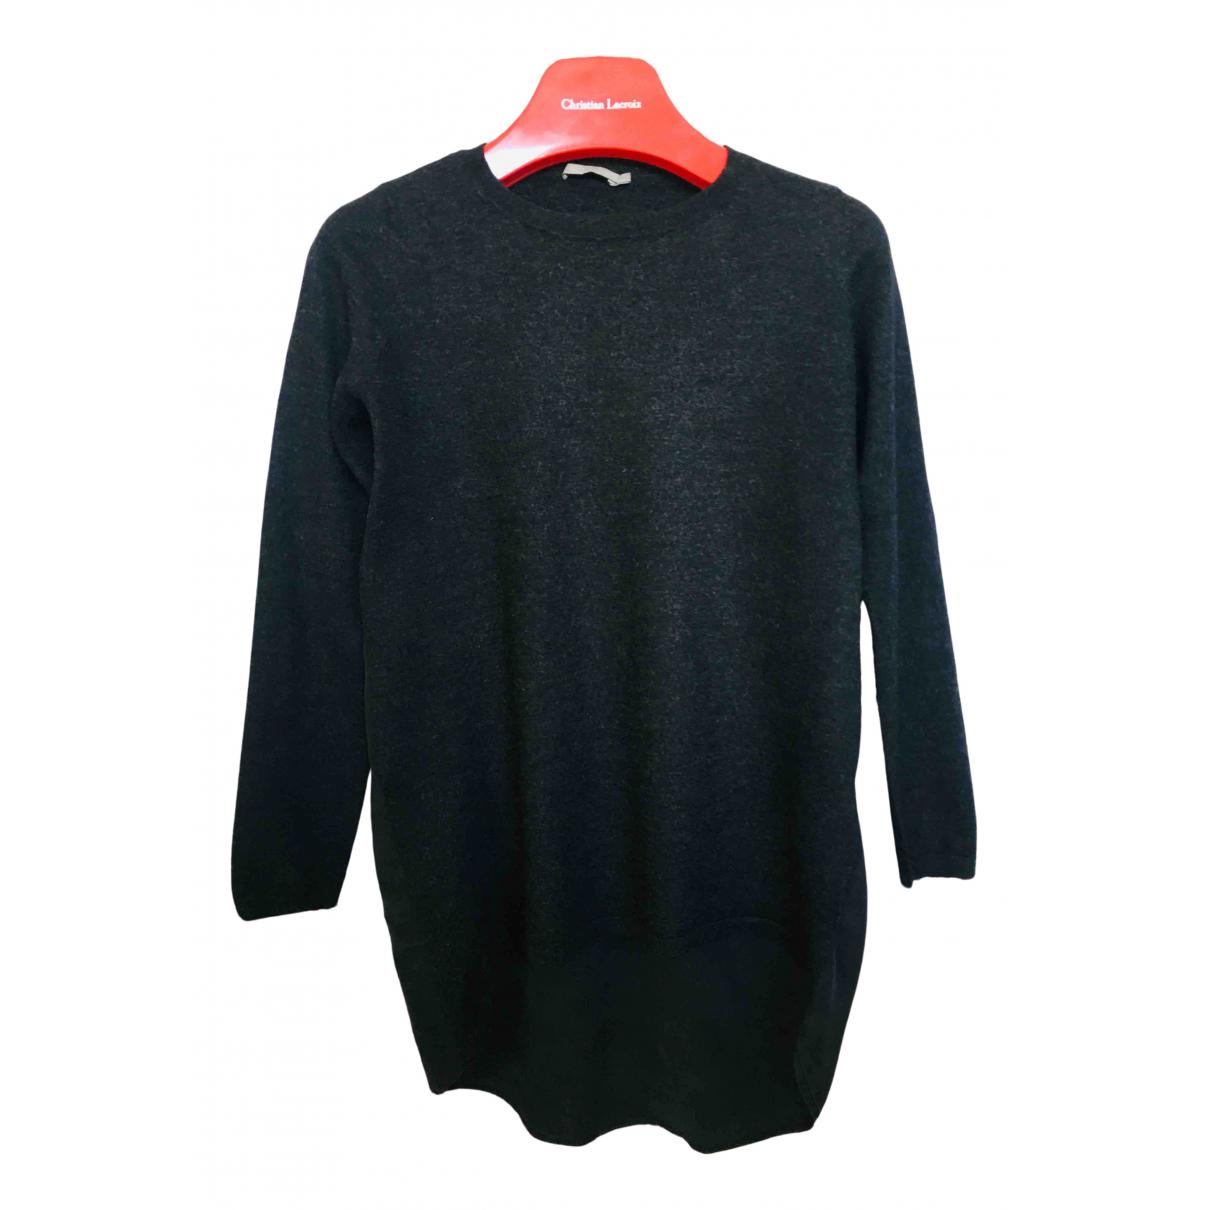 Cos - Pull   pour femme en laine - anthracite